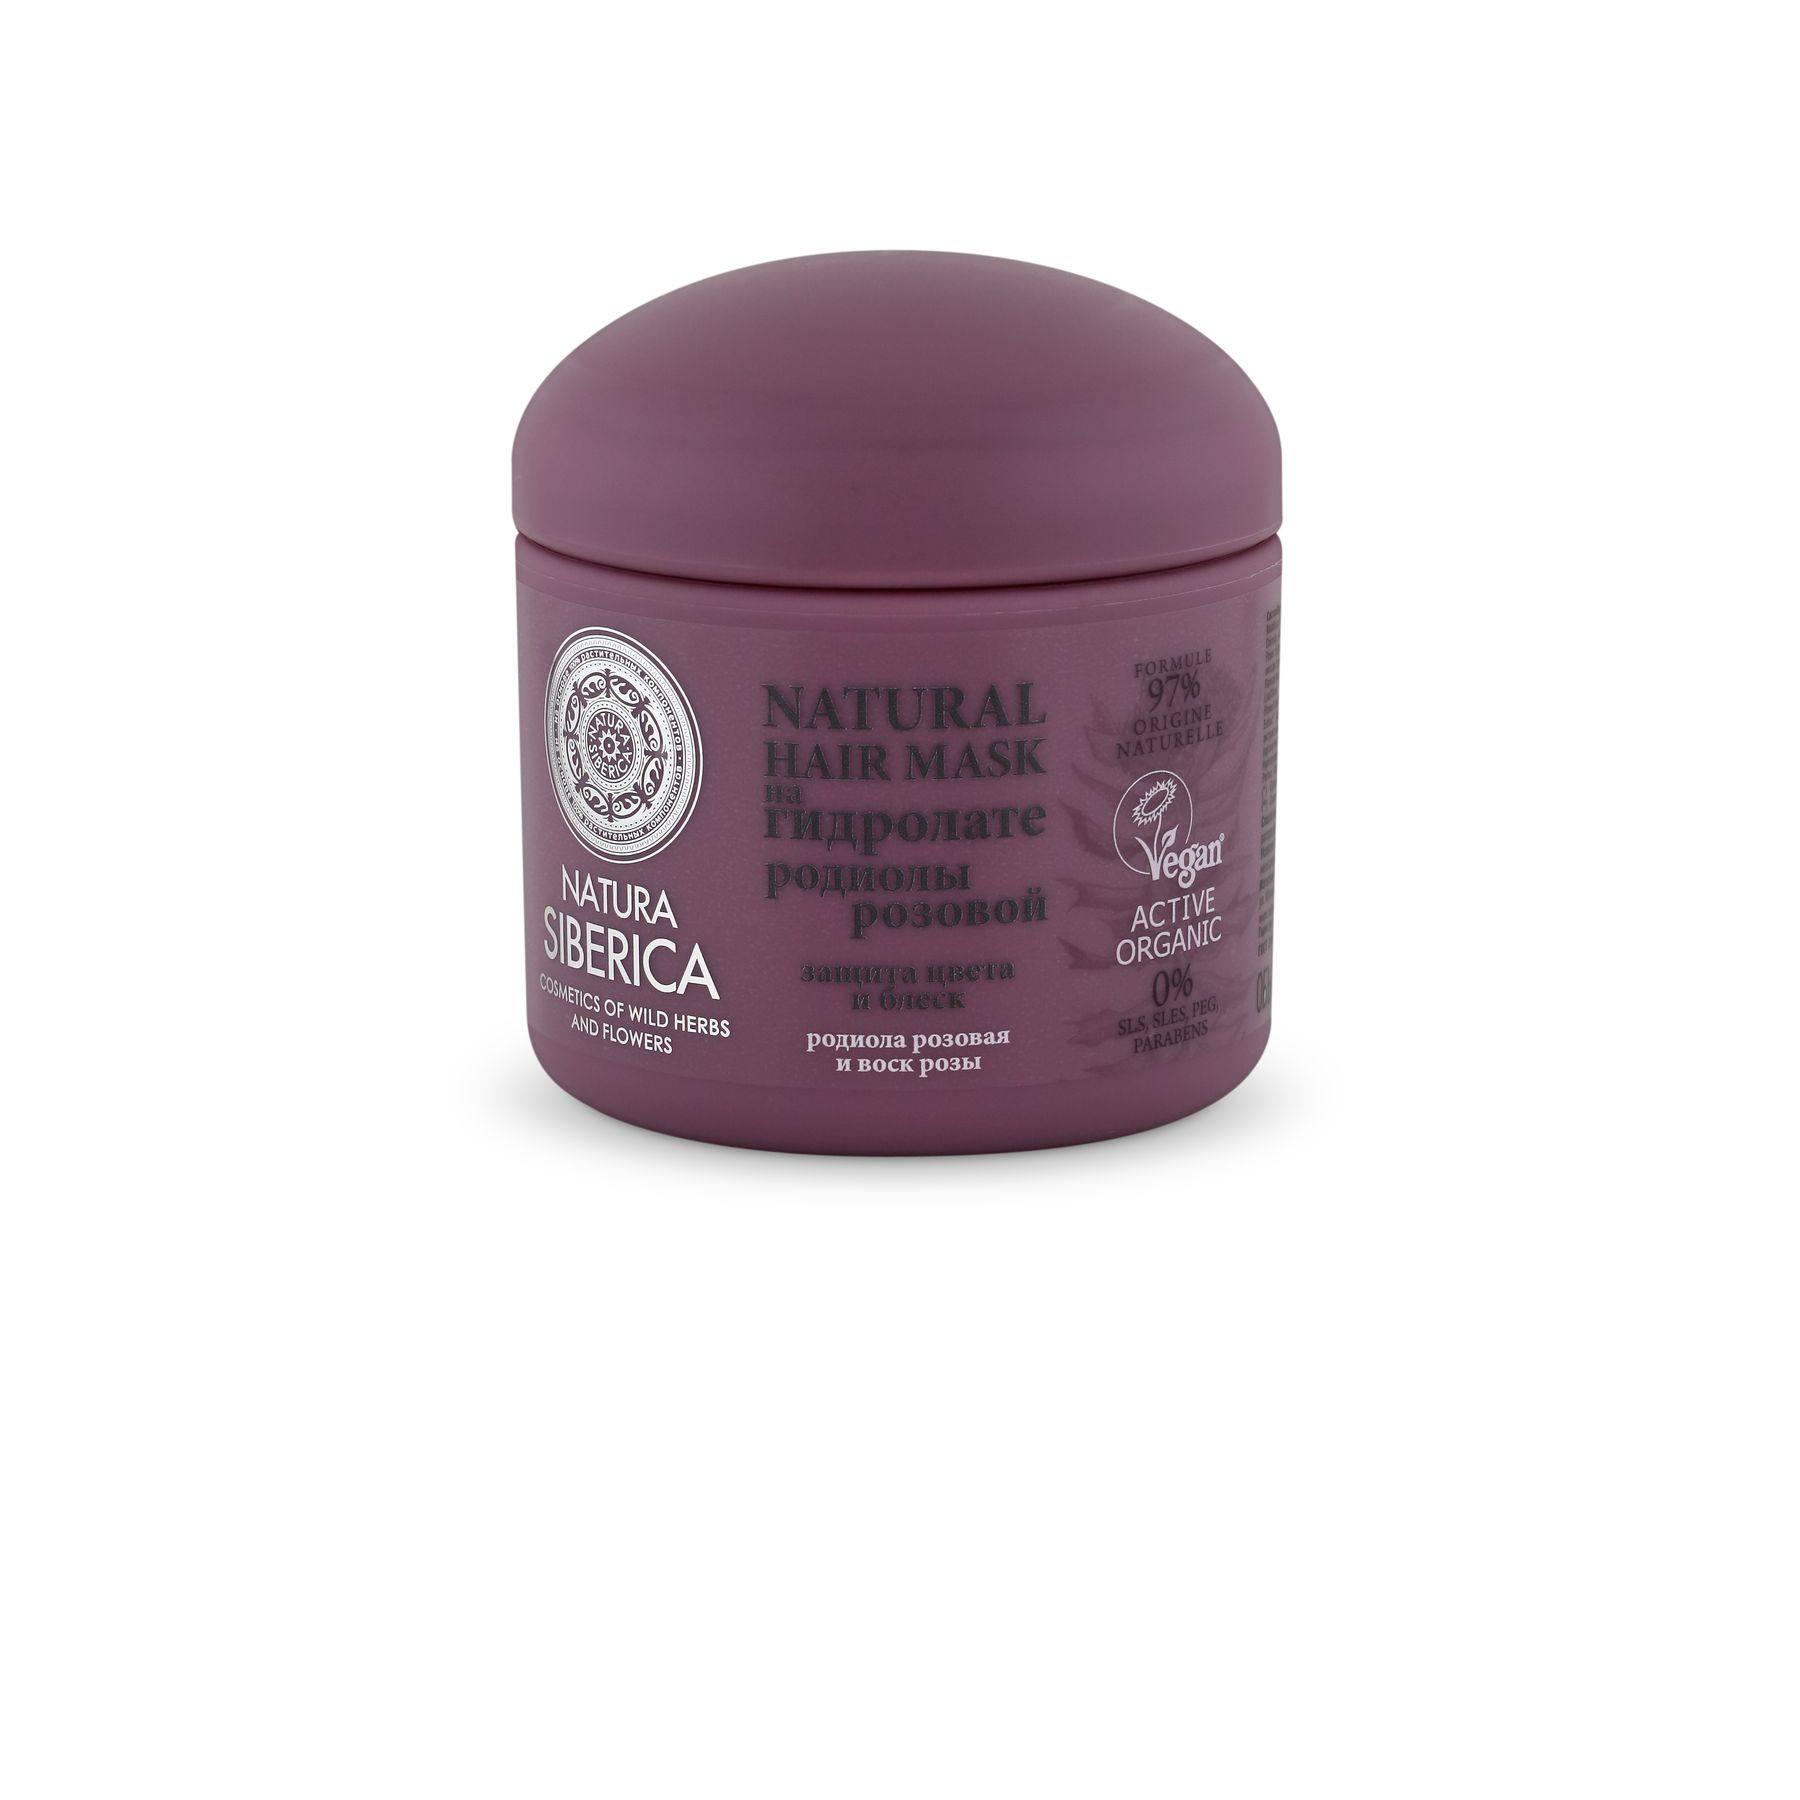 Купить Natura Siberica Гидролат Маска для окрашенных волос Защита цвета и блеск , 370 мл (shop: Organic-shops Organic shops)